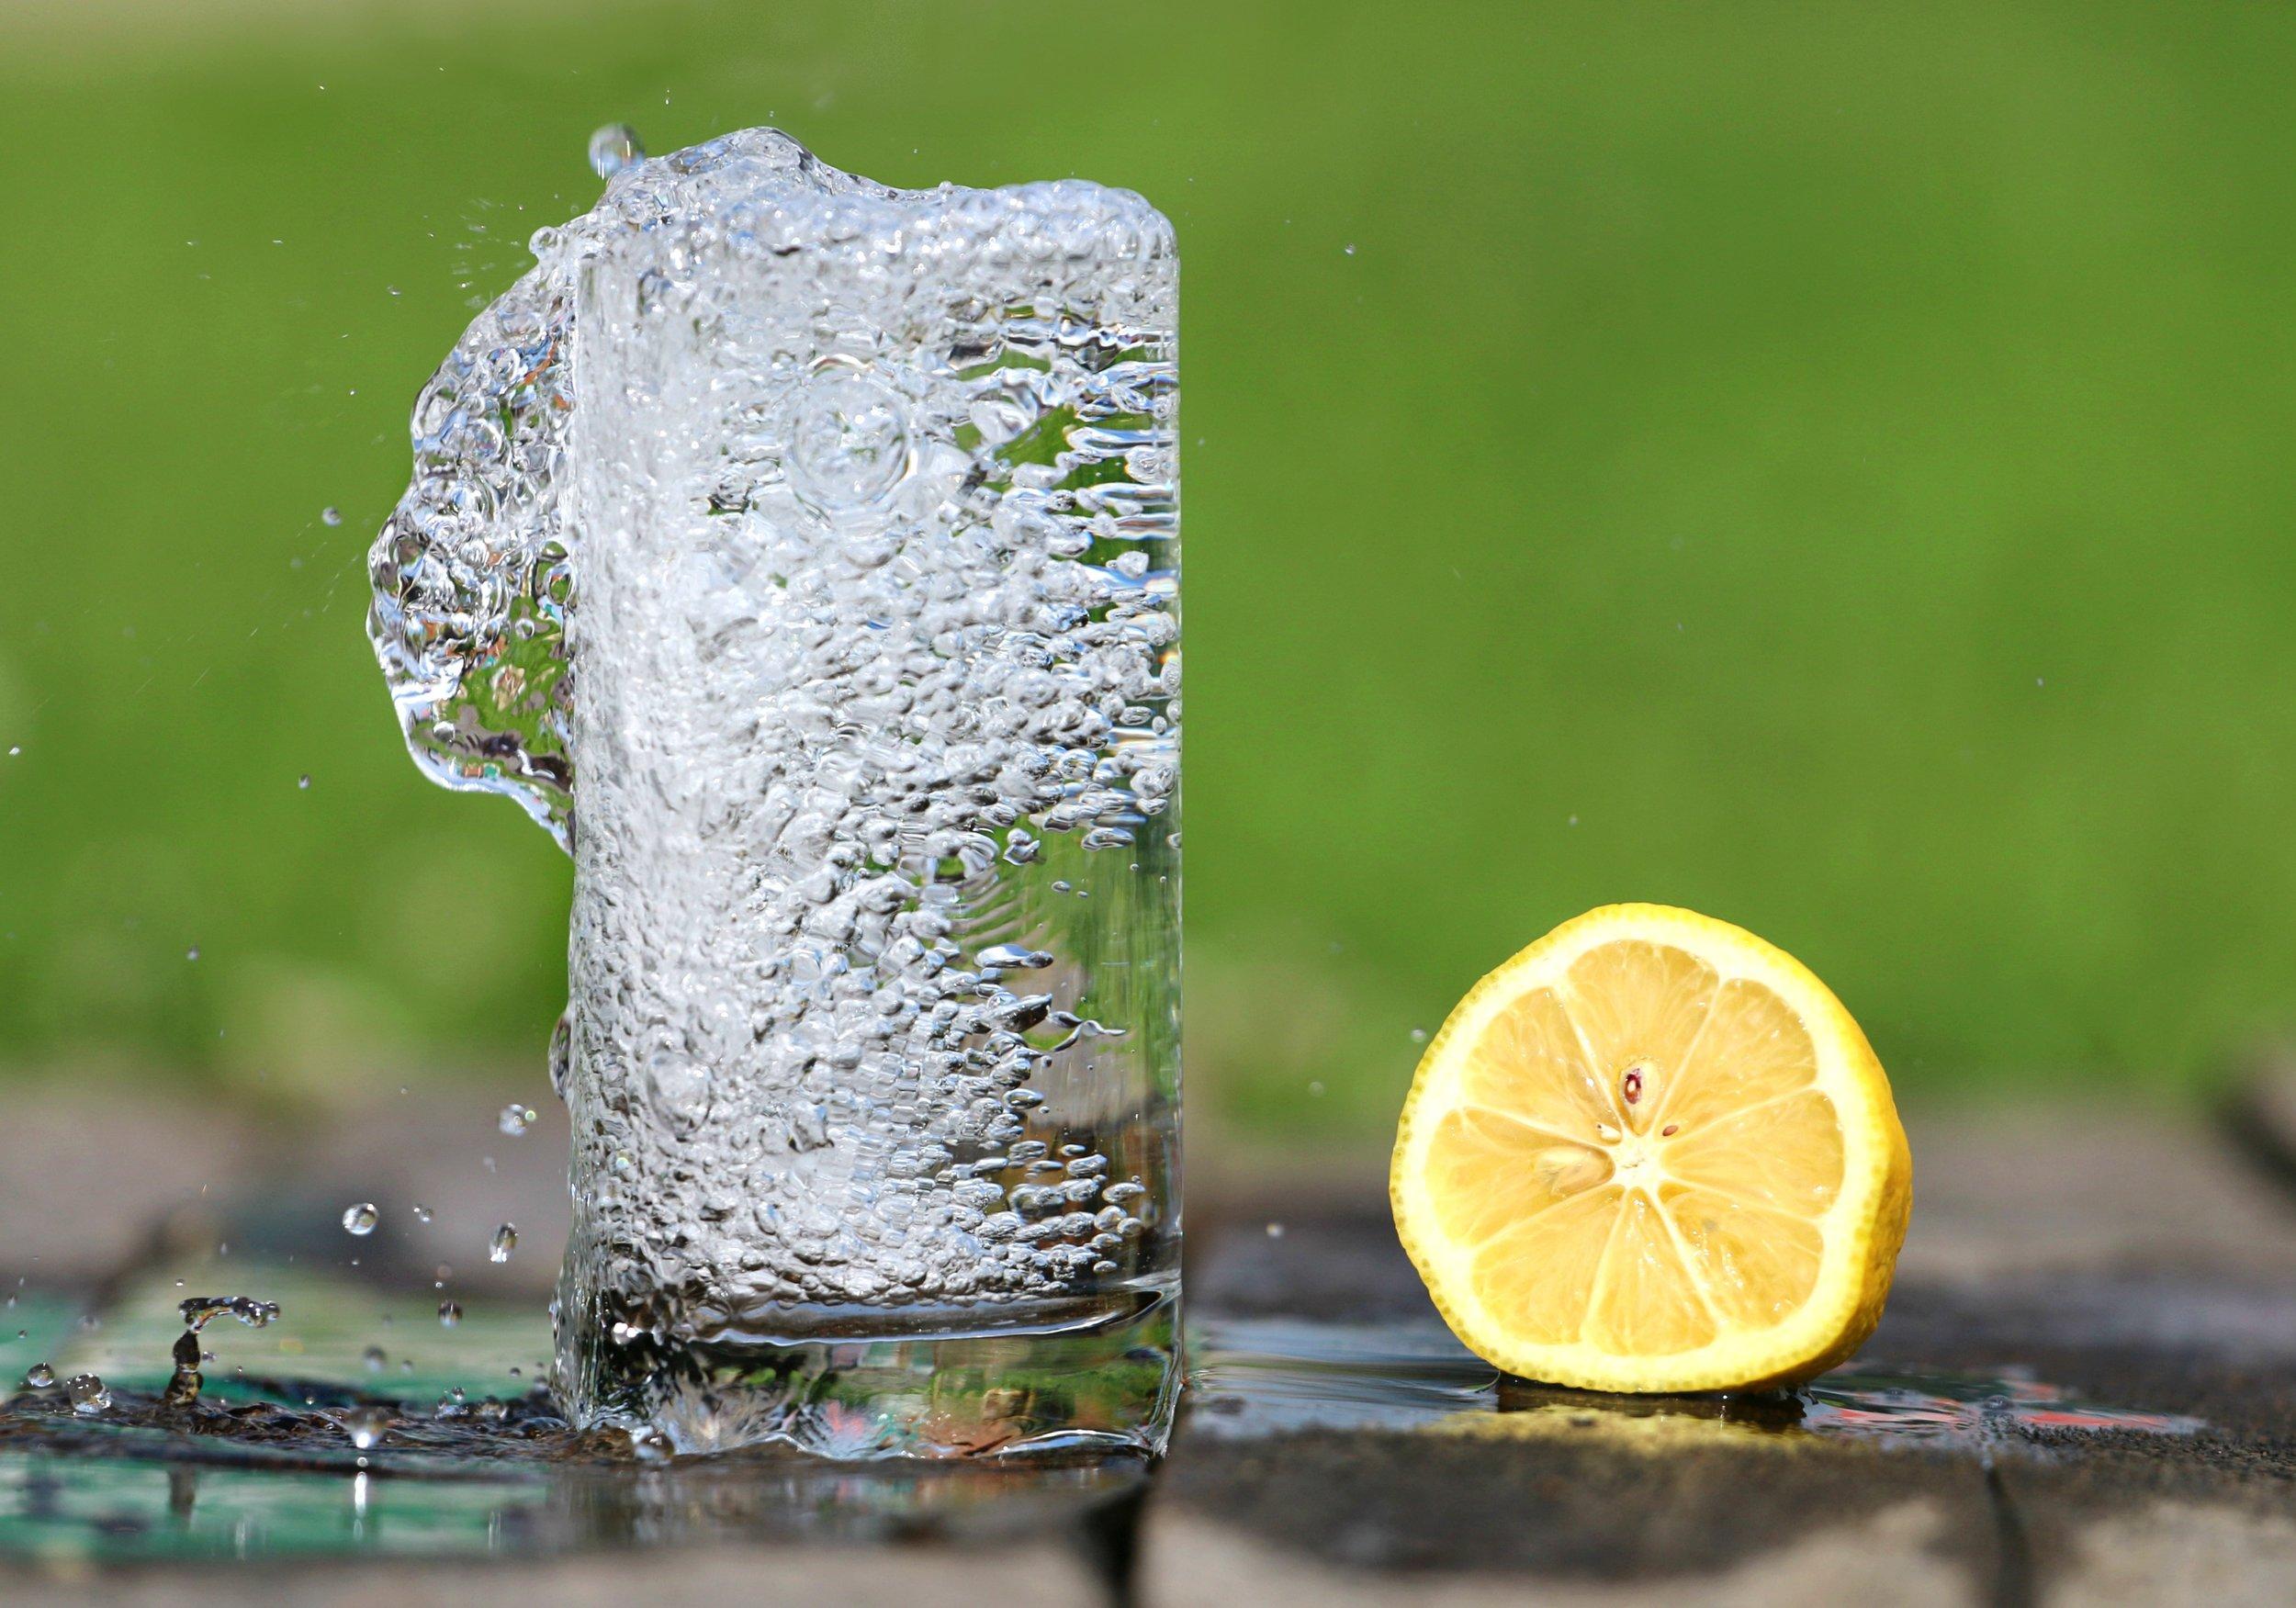 water-glass-heat-drink-161425.jpeg